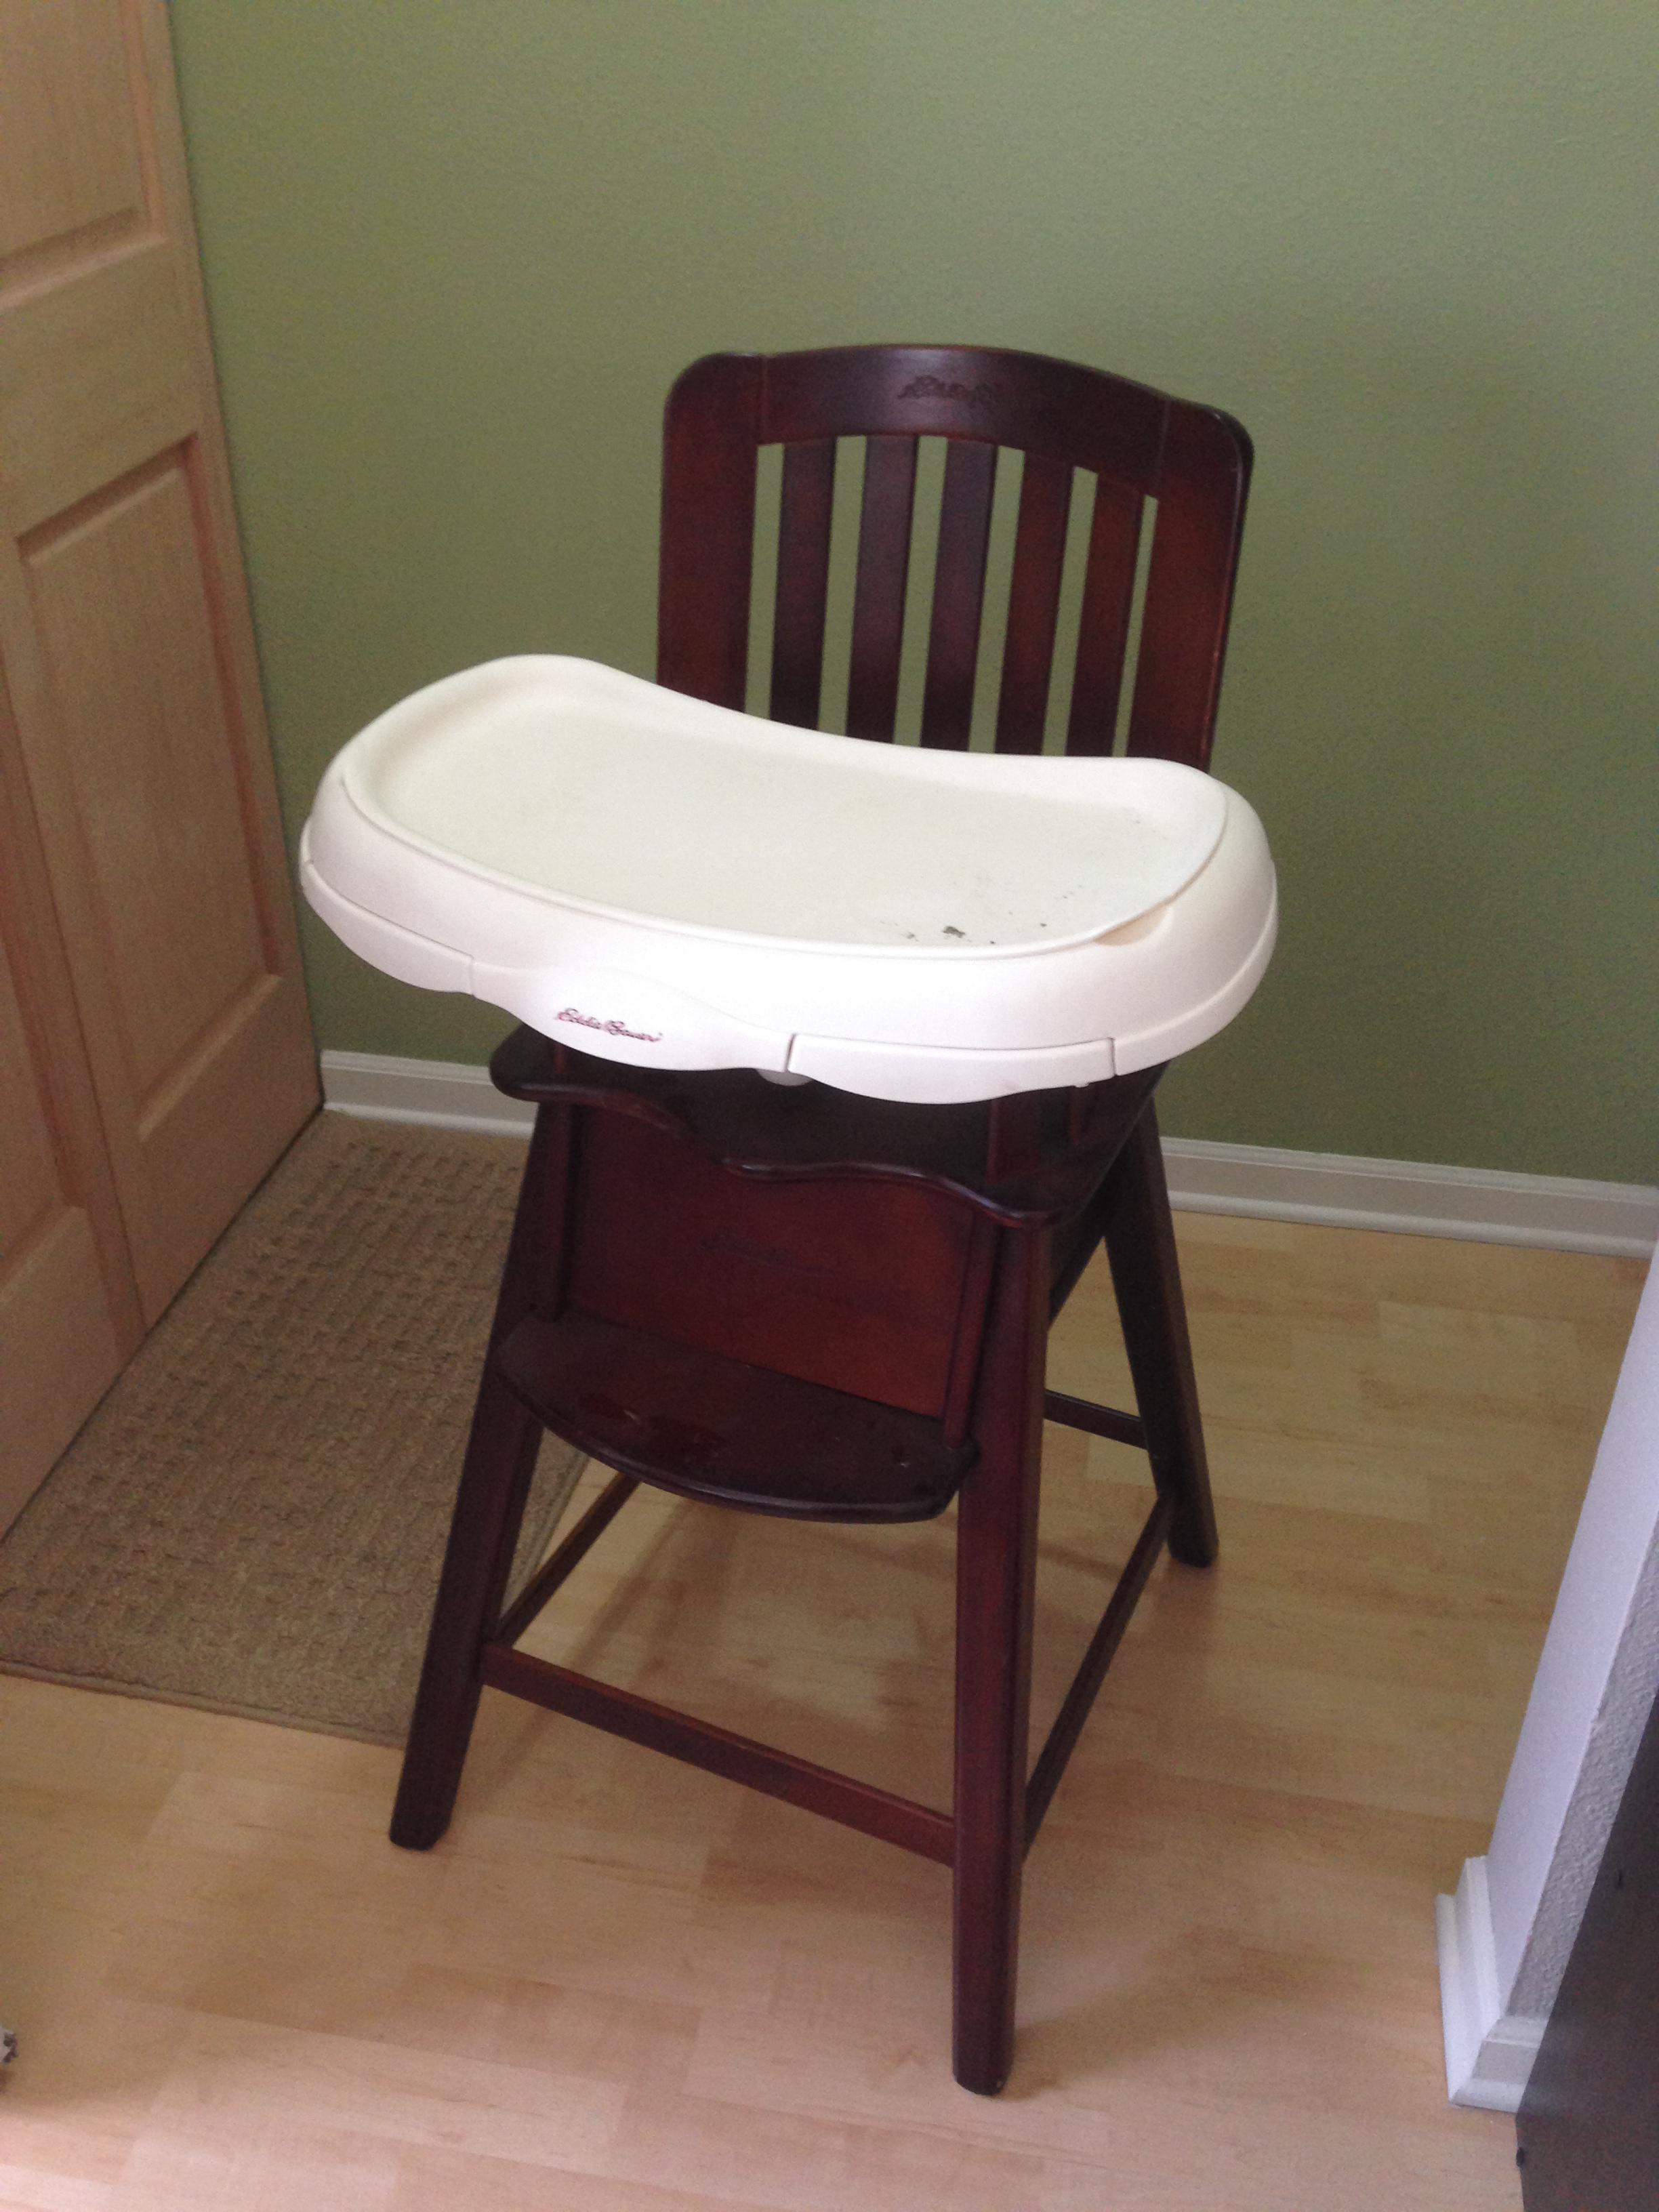 Fullsize Of Eddie Bauer High Chair